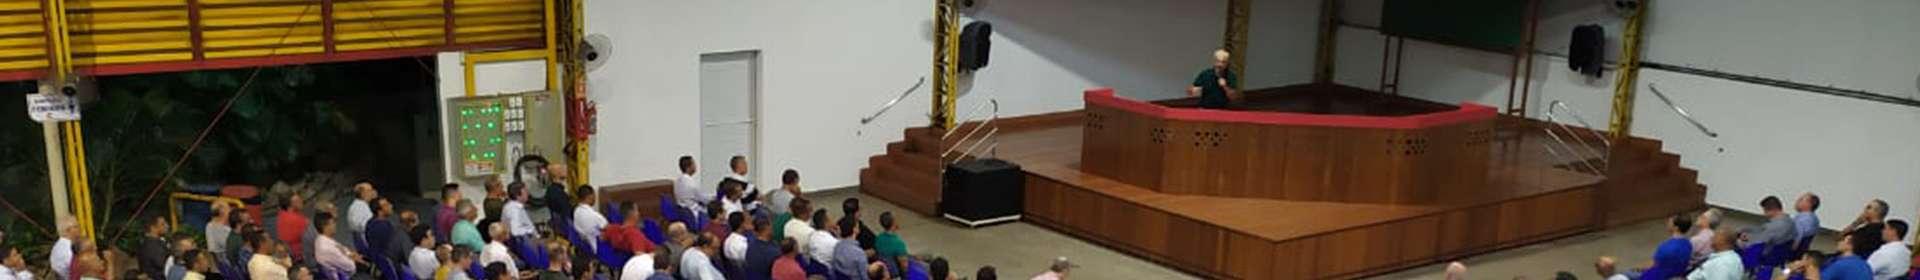 Tema ministério do novo pacto baseia reunião de obreiros da Igreja Cristã Maranata em Vila Velha, ES